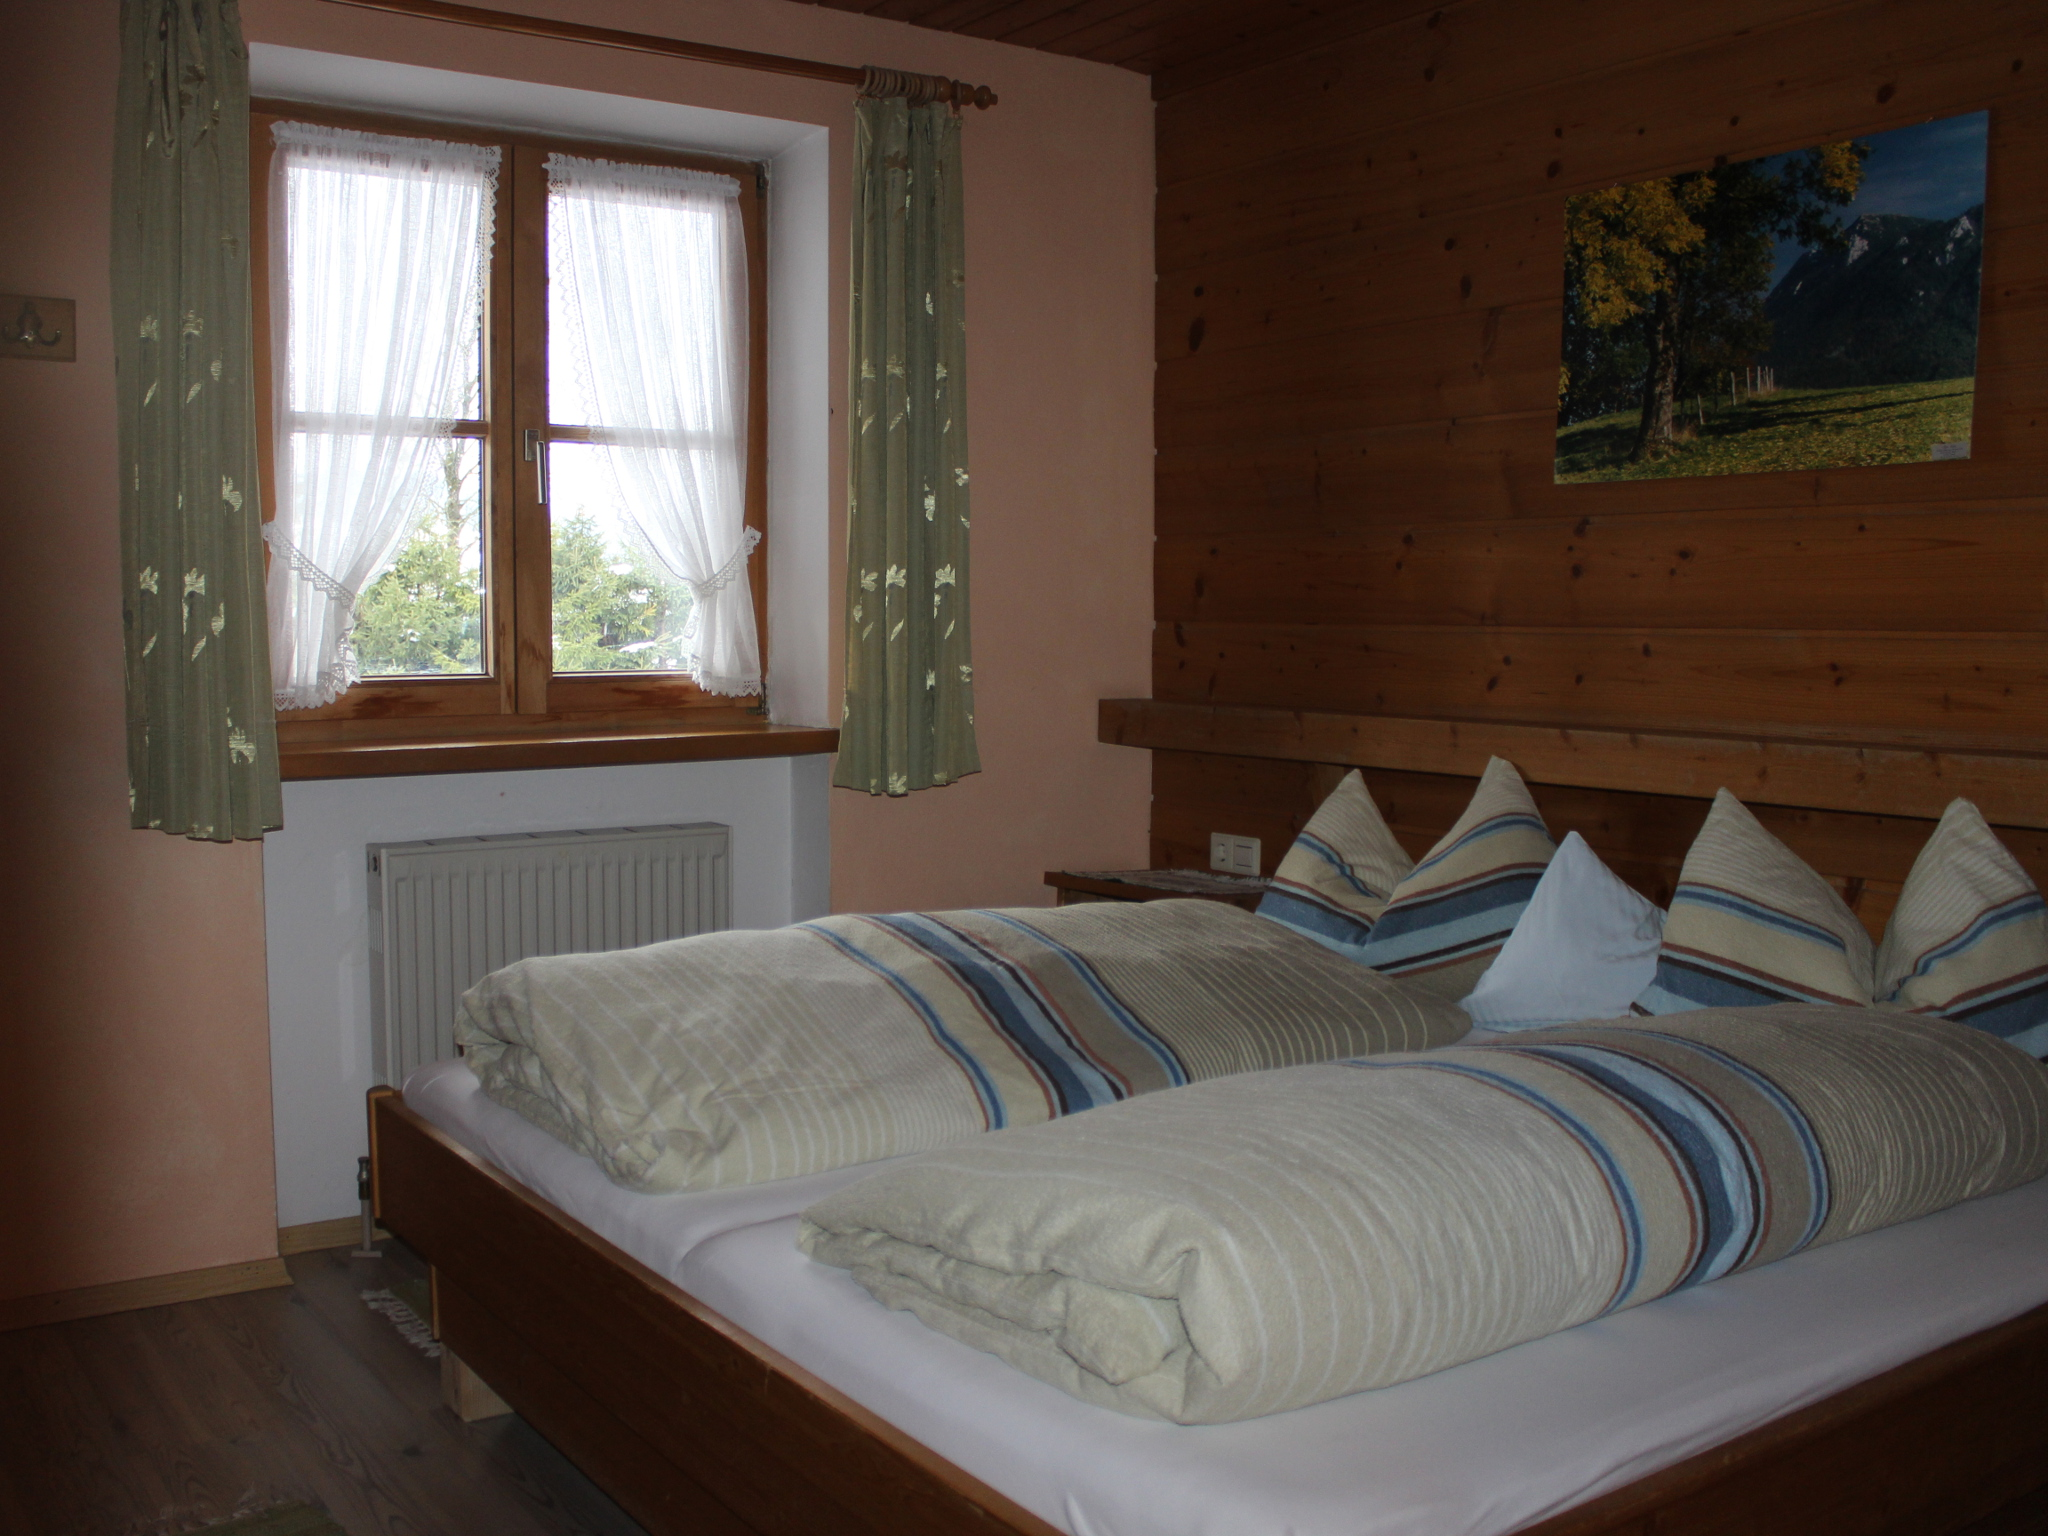 Appartement de vacances Gästehaus Kress - Chiemgau Karte (DE Inzell). Ferienwohnung 2 für 4 Personen, 1 Schlaf- un (712315), Inzell, Chiemgau, Bavière, Allemagne, image 15